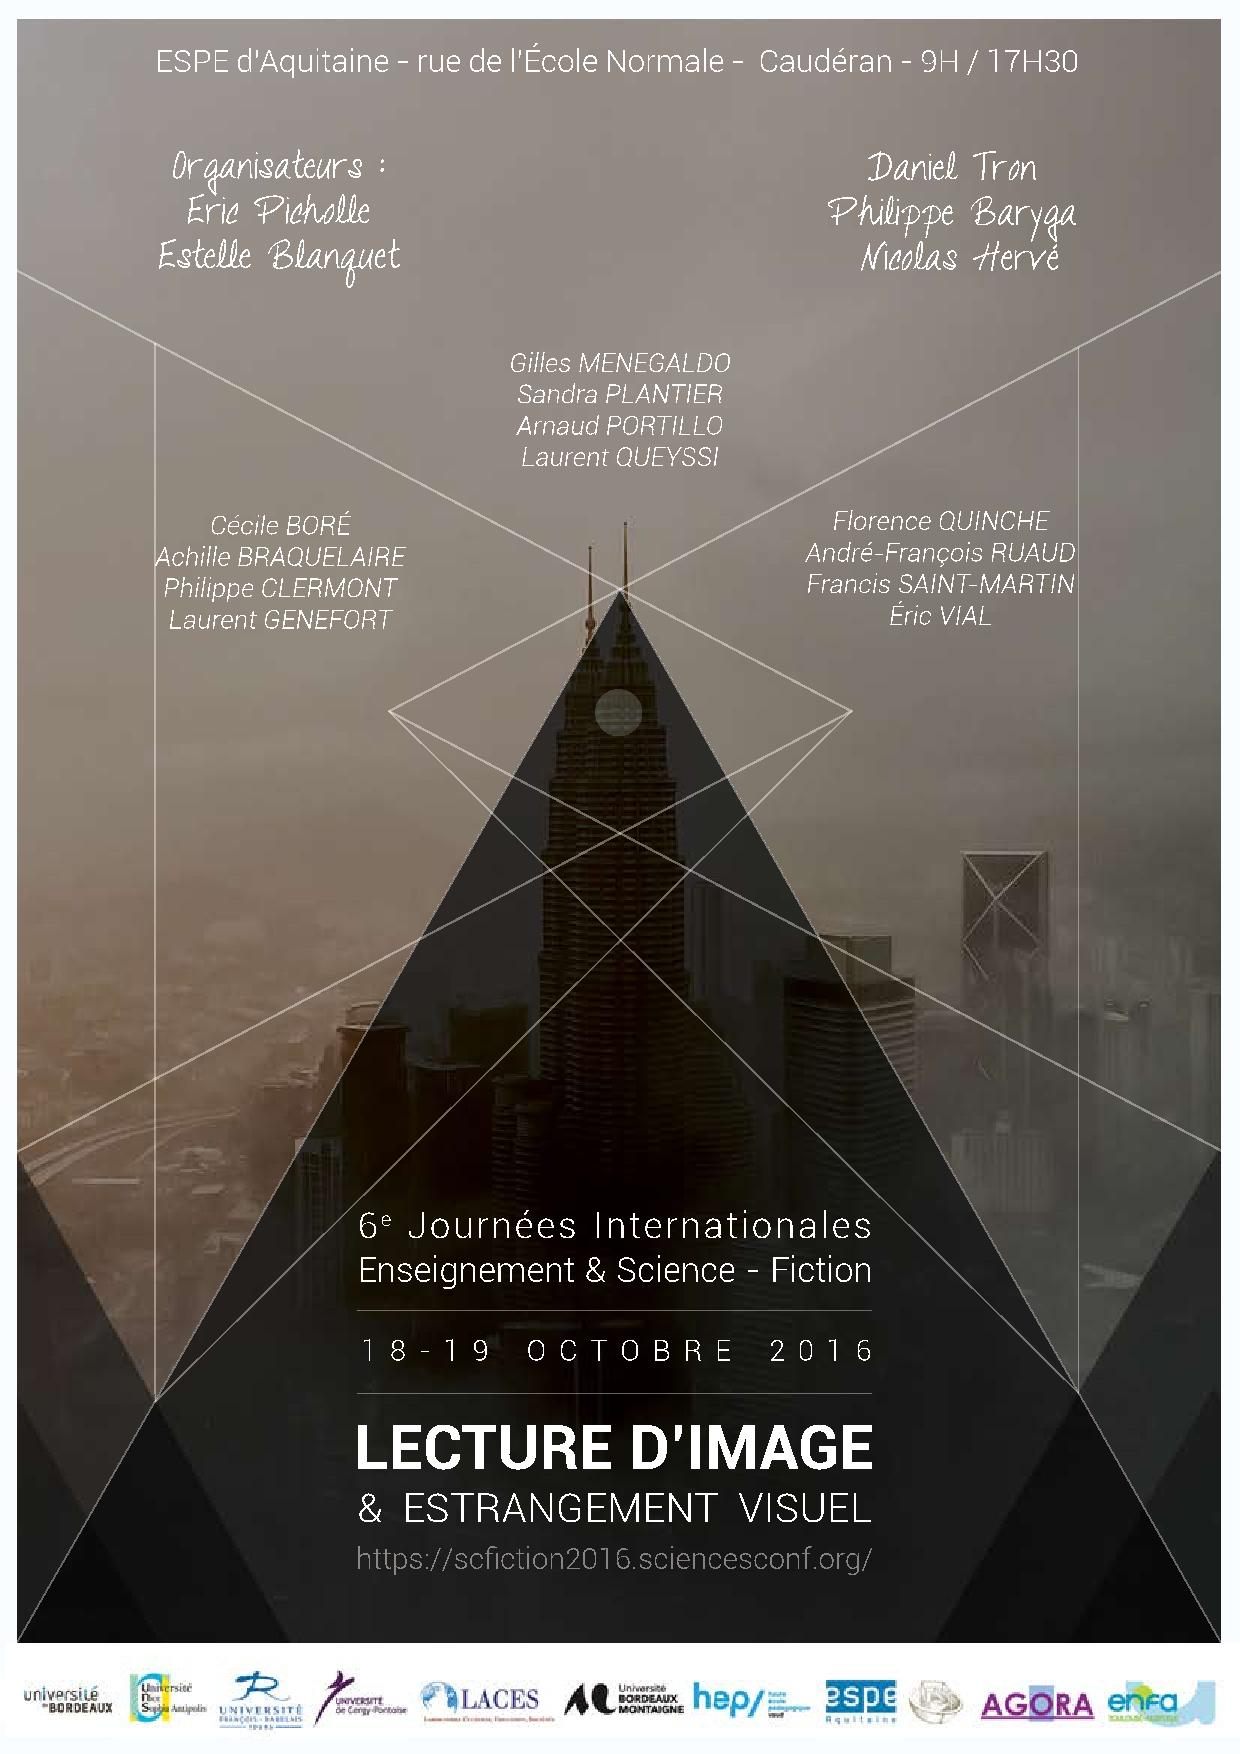 AFFICHE-Lecture-d-image-et-estrangement-